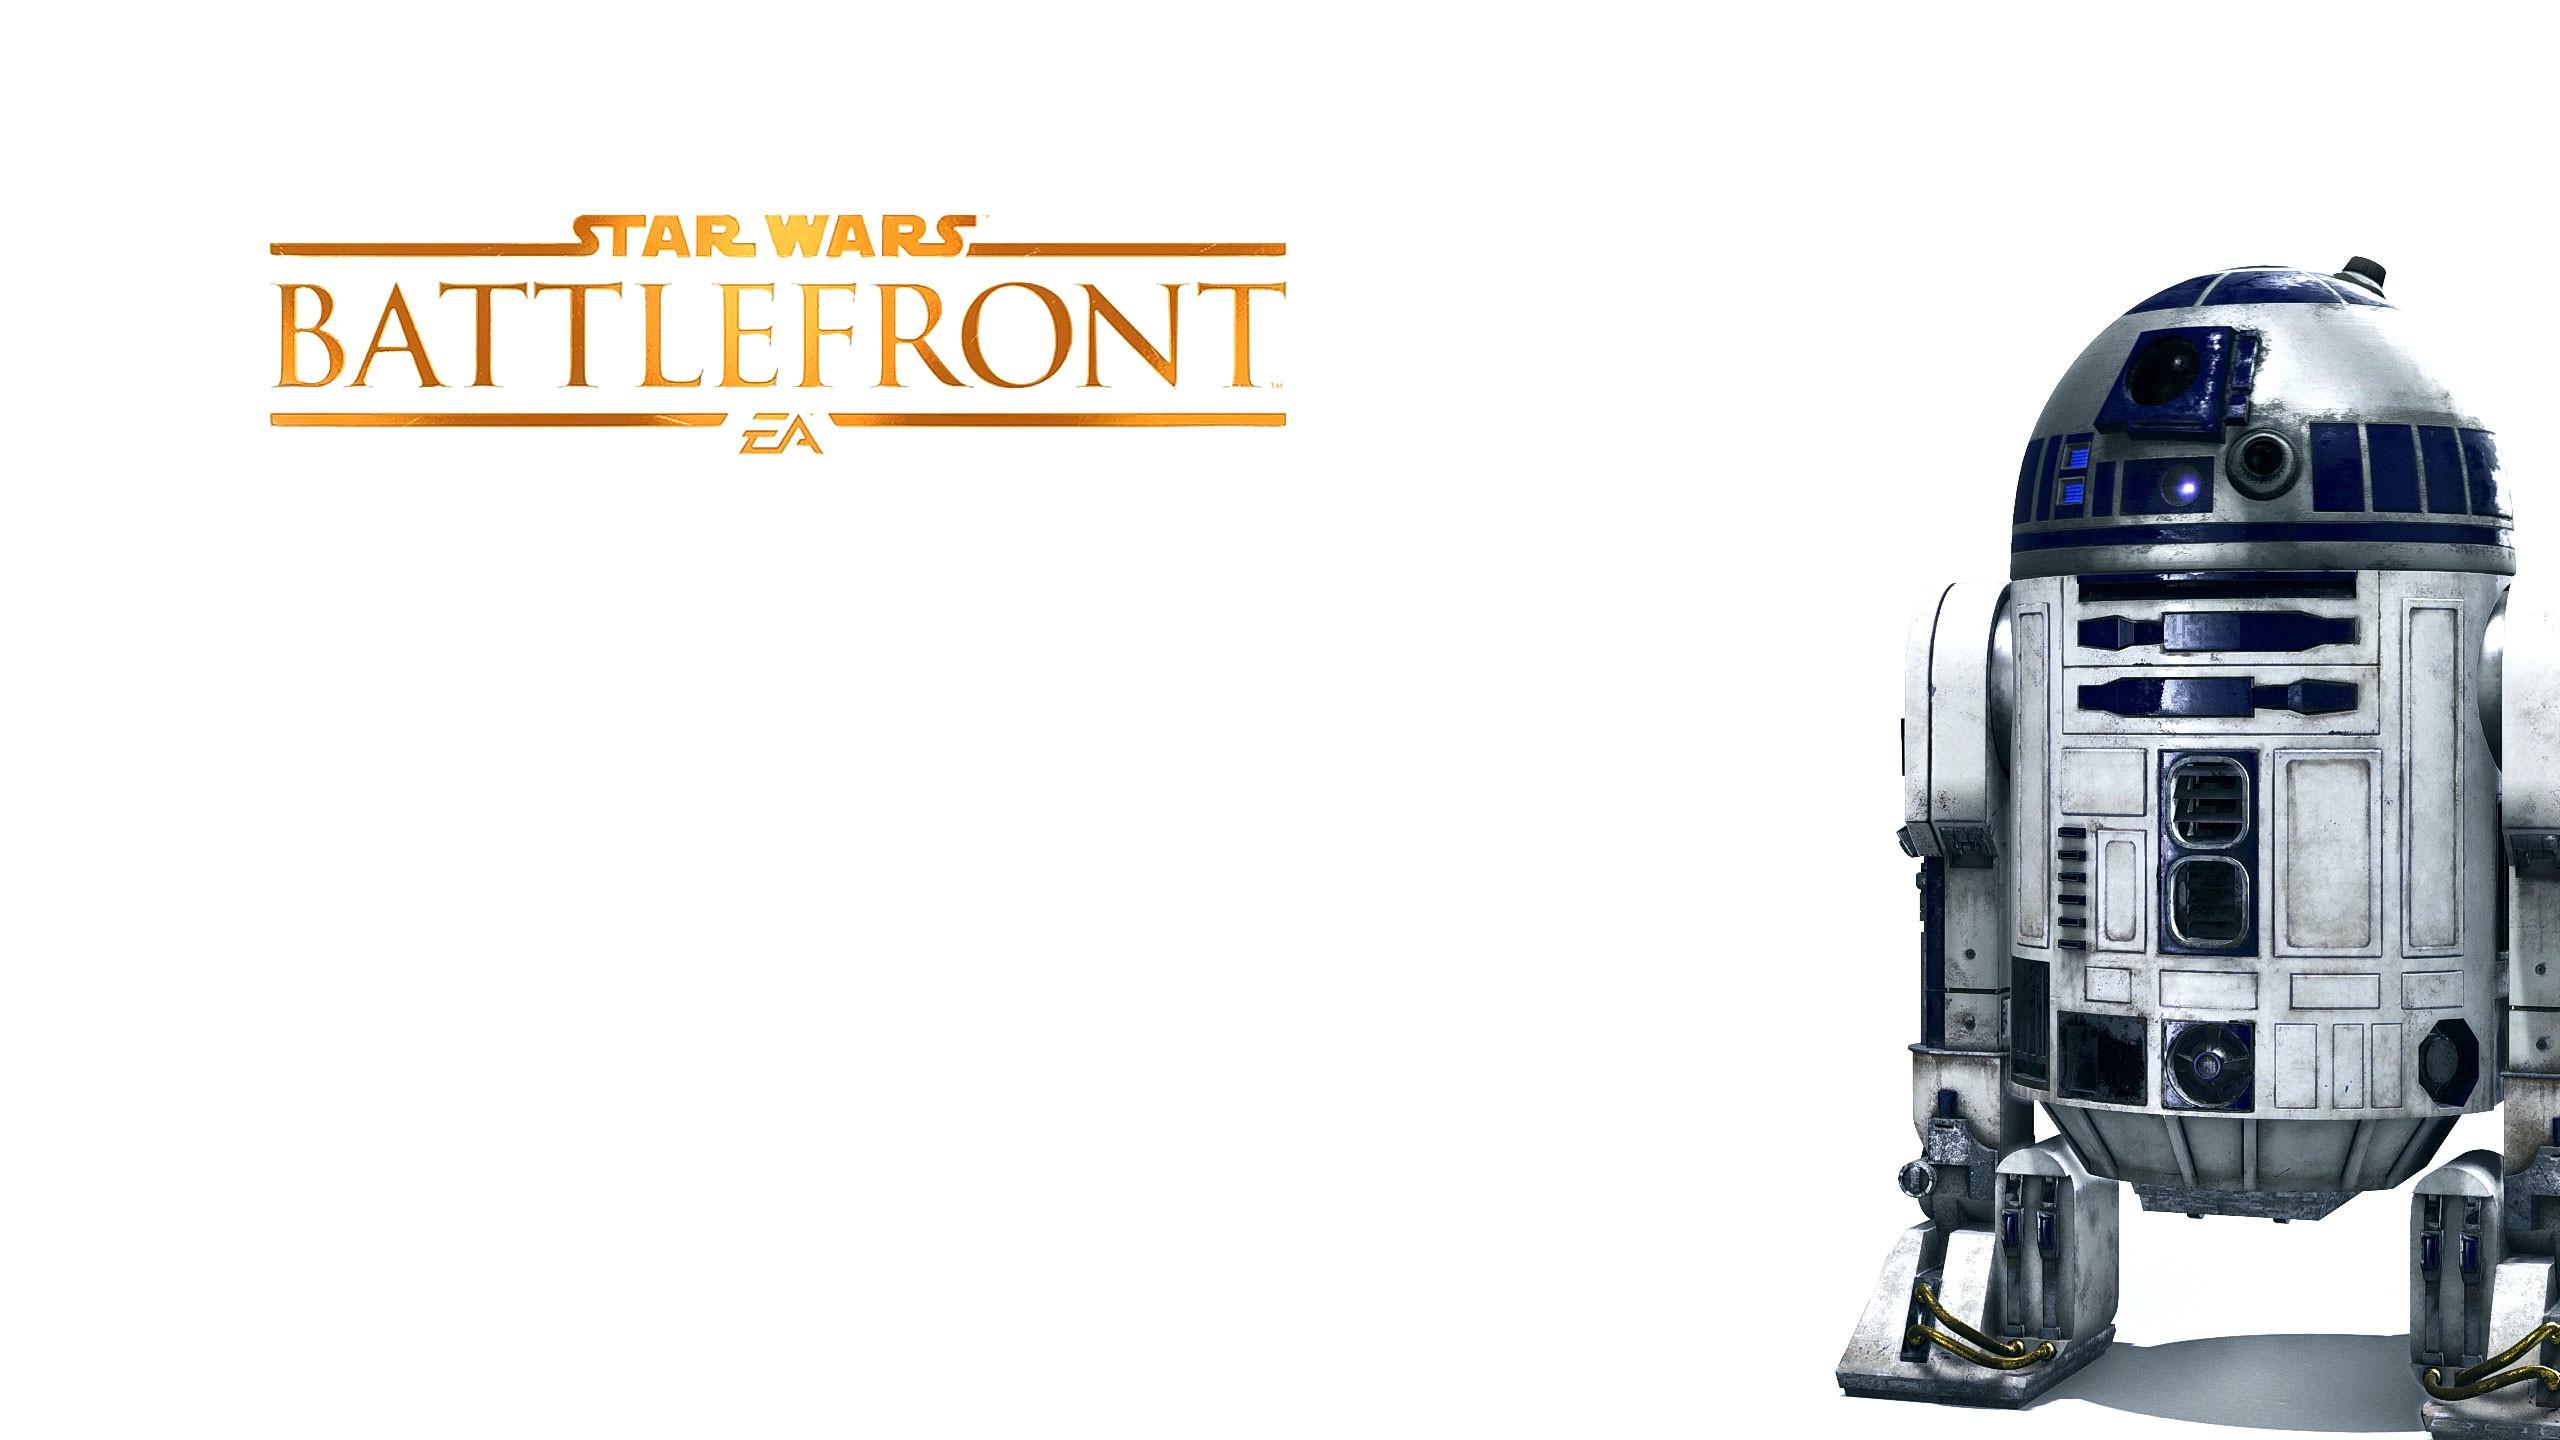 デスクトップ壁紙 ビデオゲーム 単純な背景 R2 D2 機械 スター